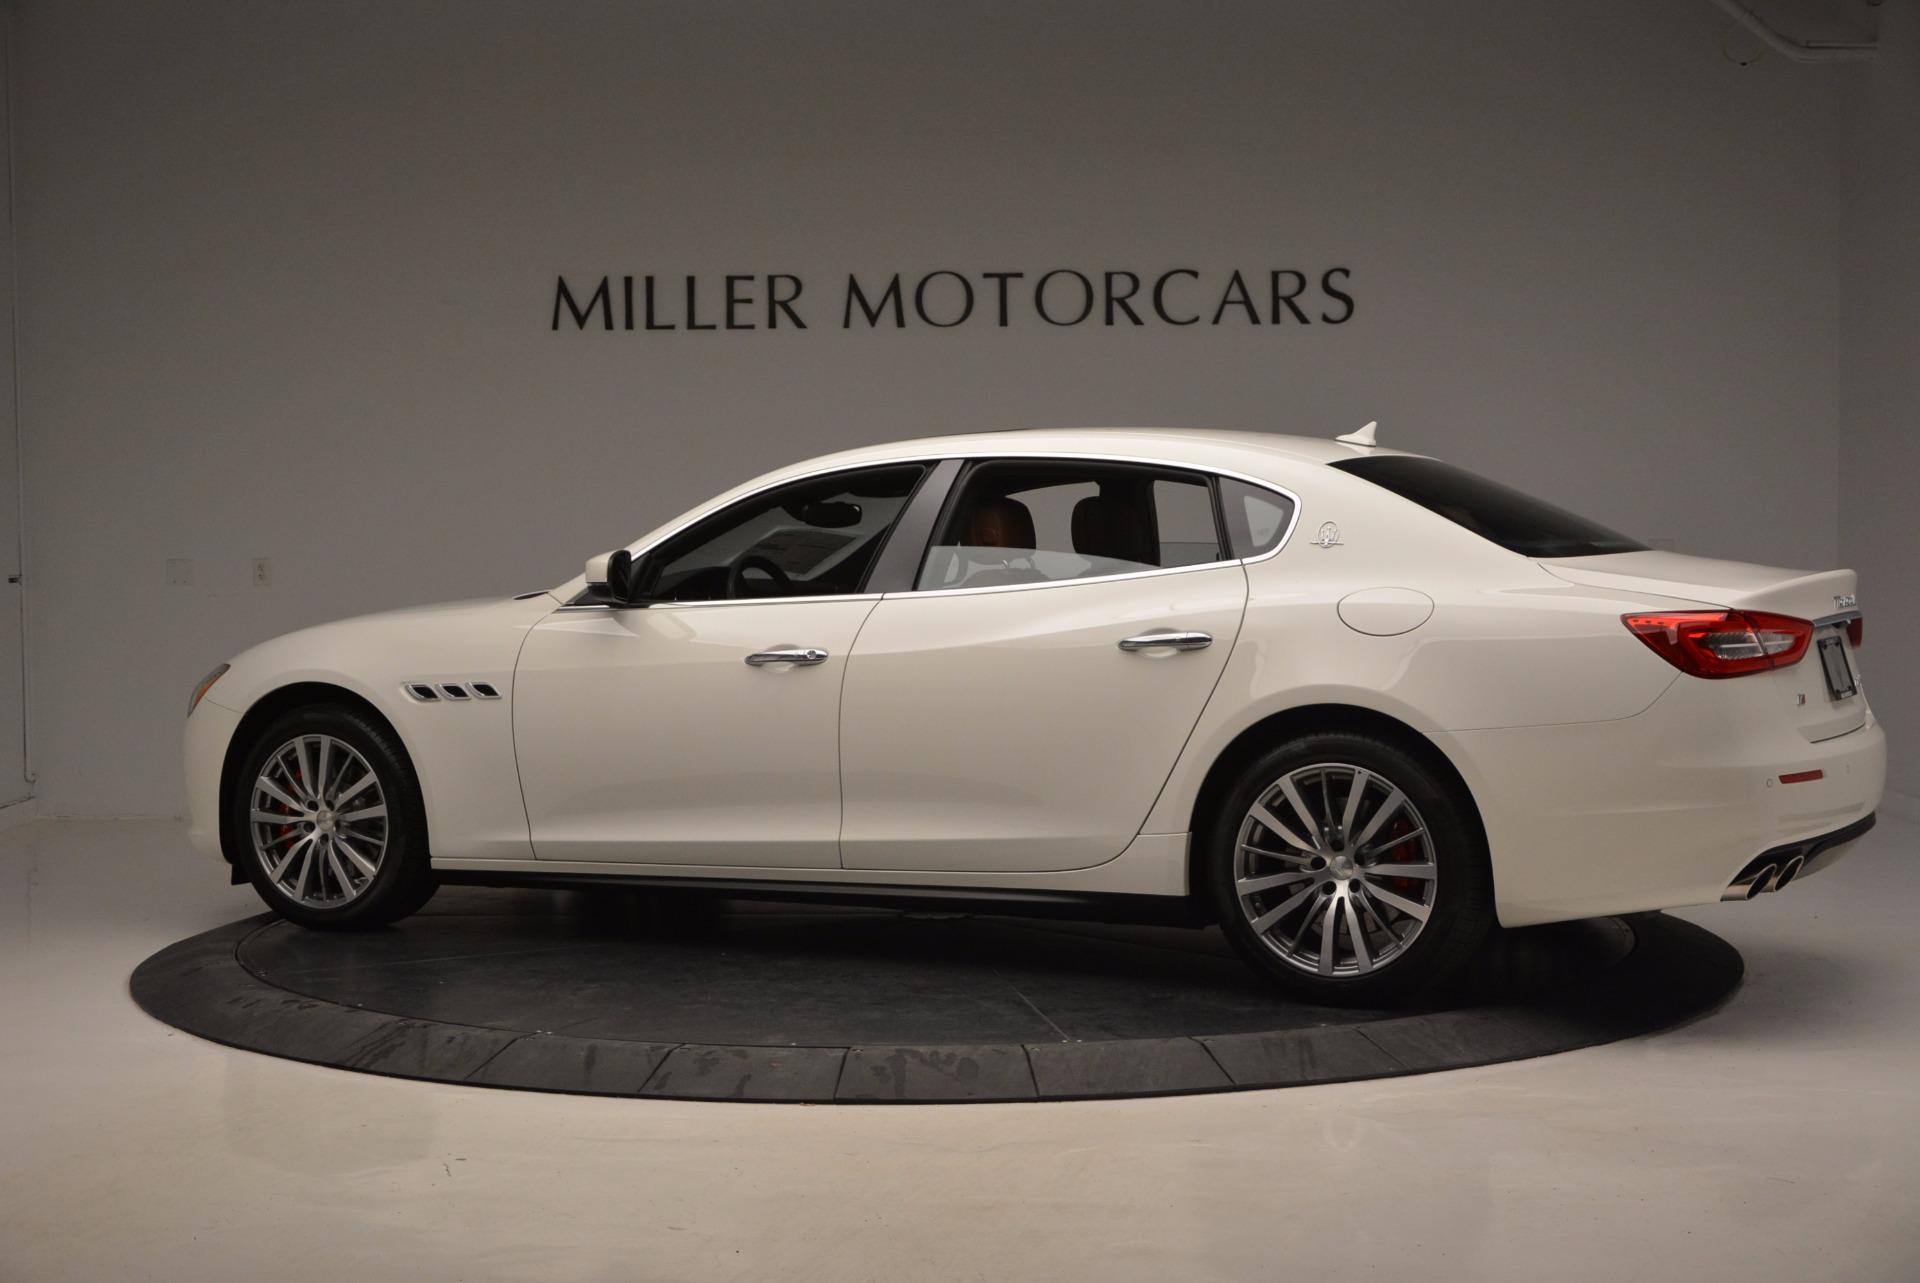 New 2017 Maserati Quattroporte SQ4 For Sale In Greenwich, CT 947_p4